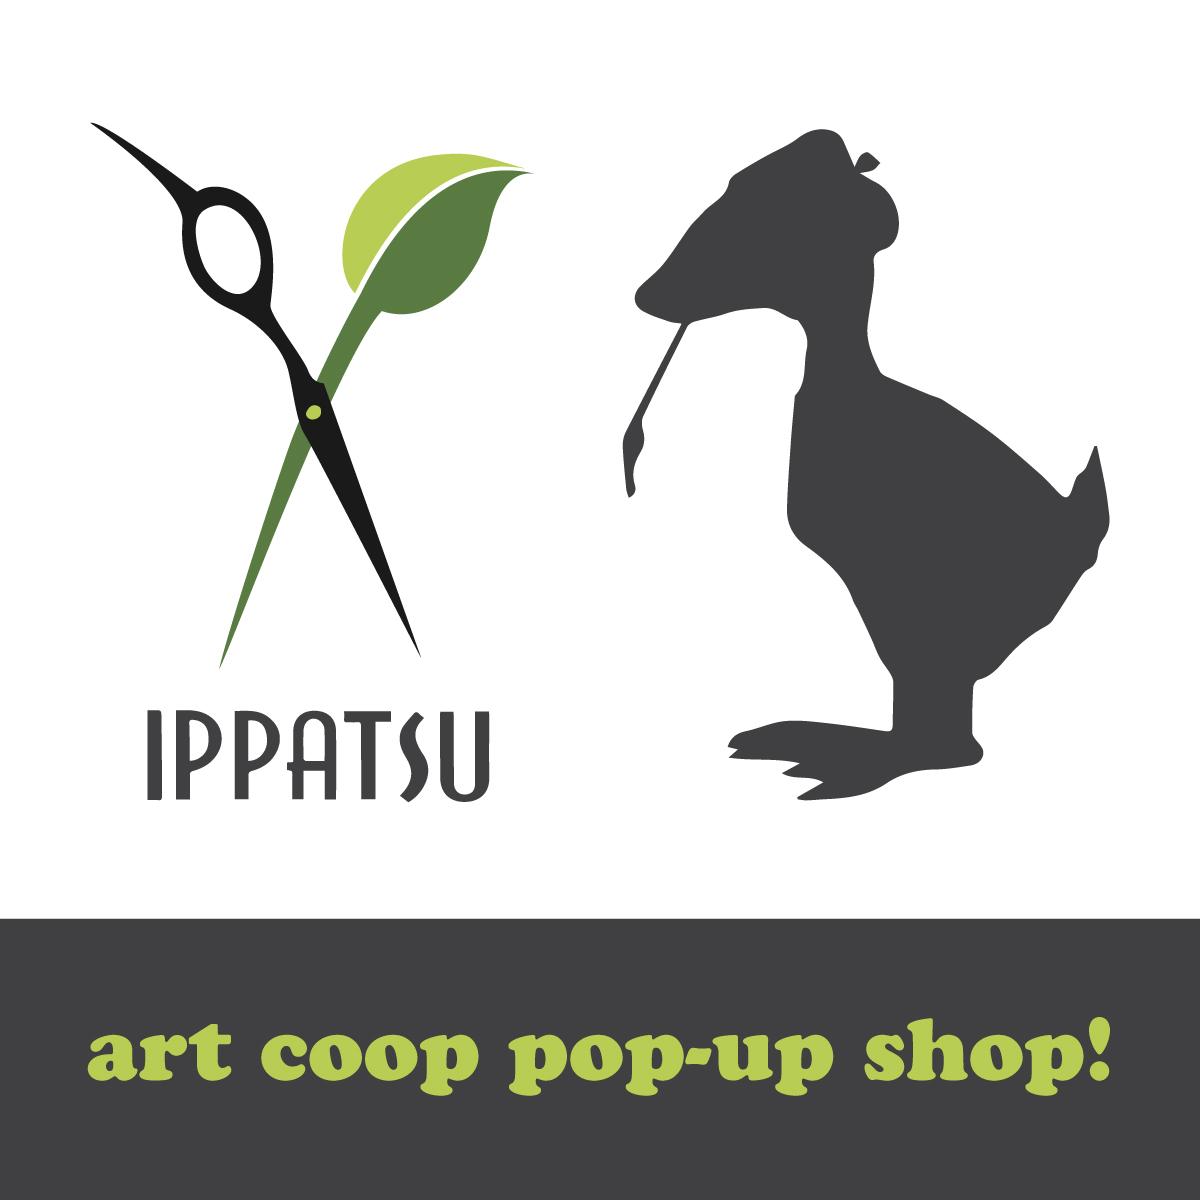 Ippatsu Pop-Up Shop Kit #11